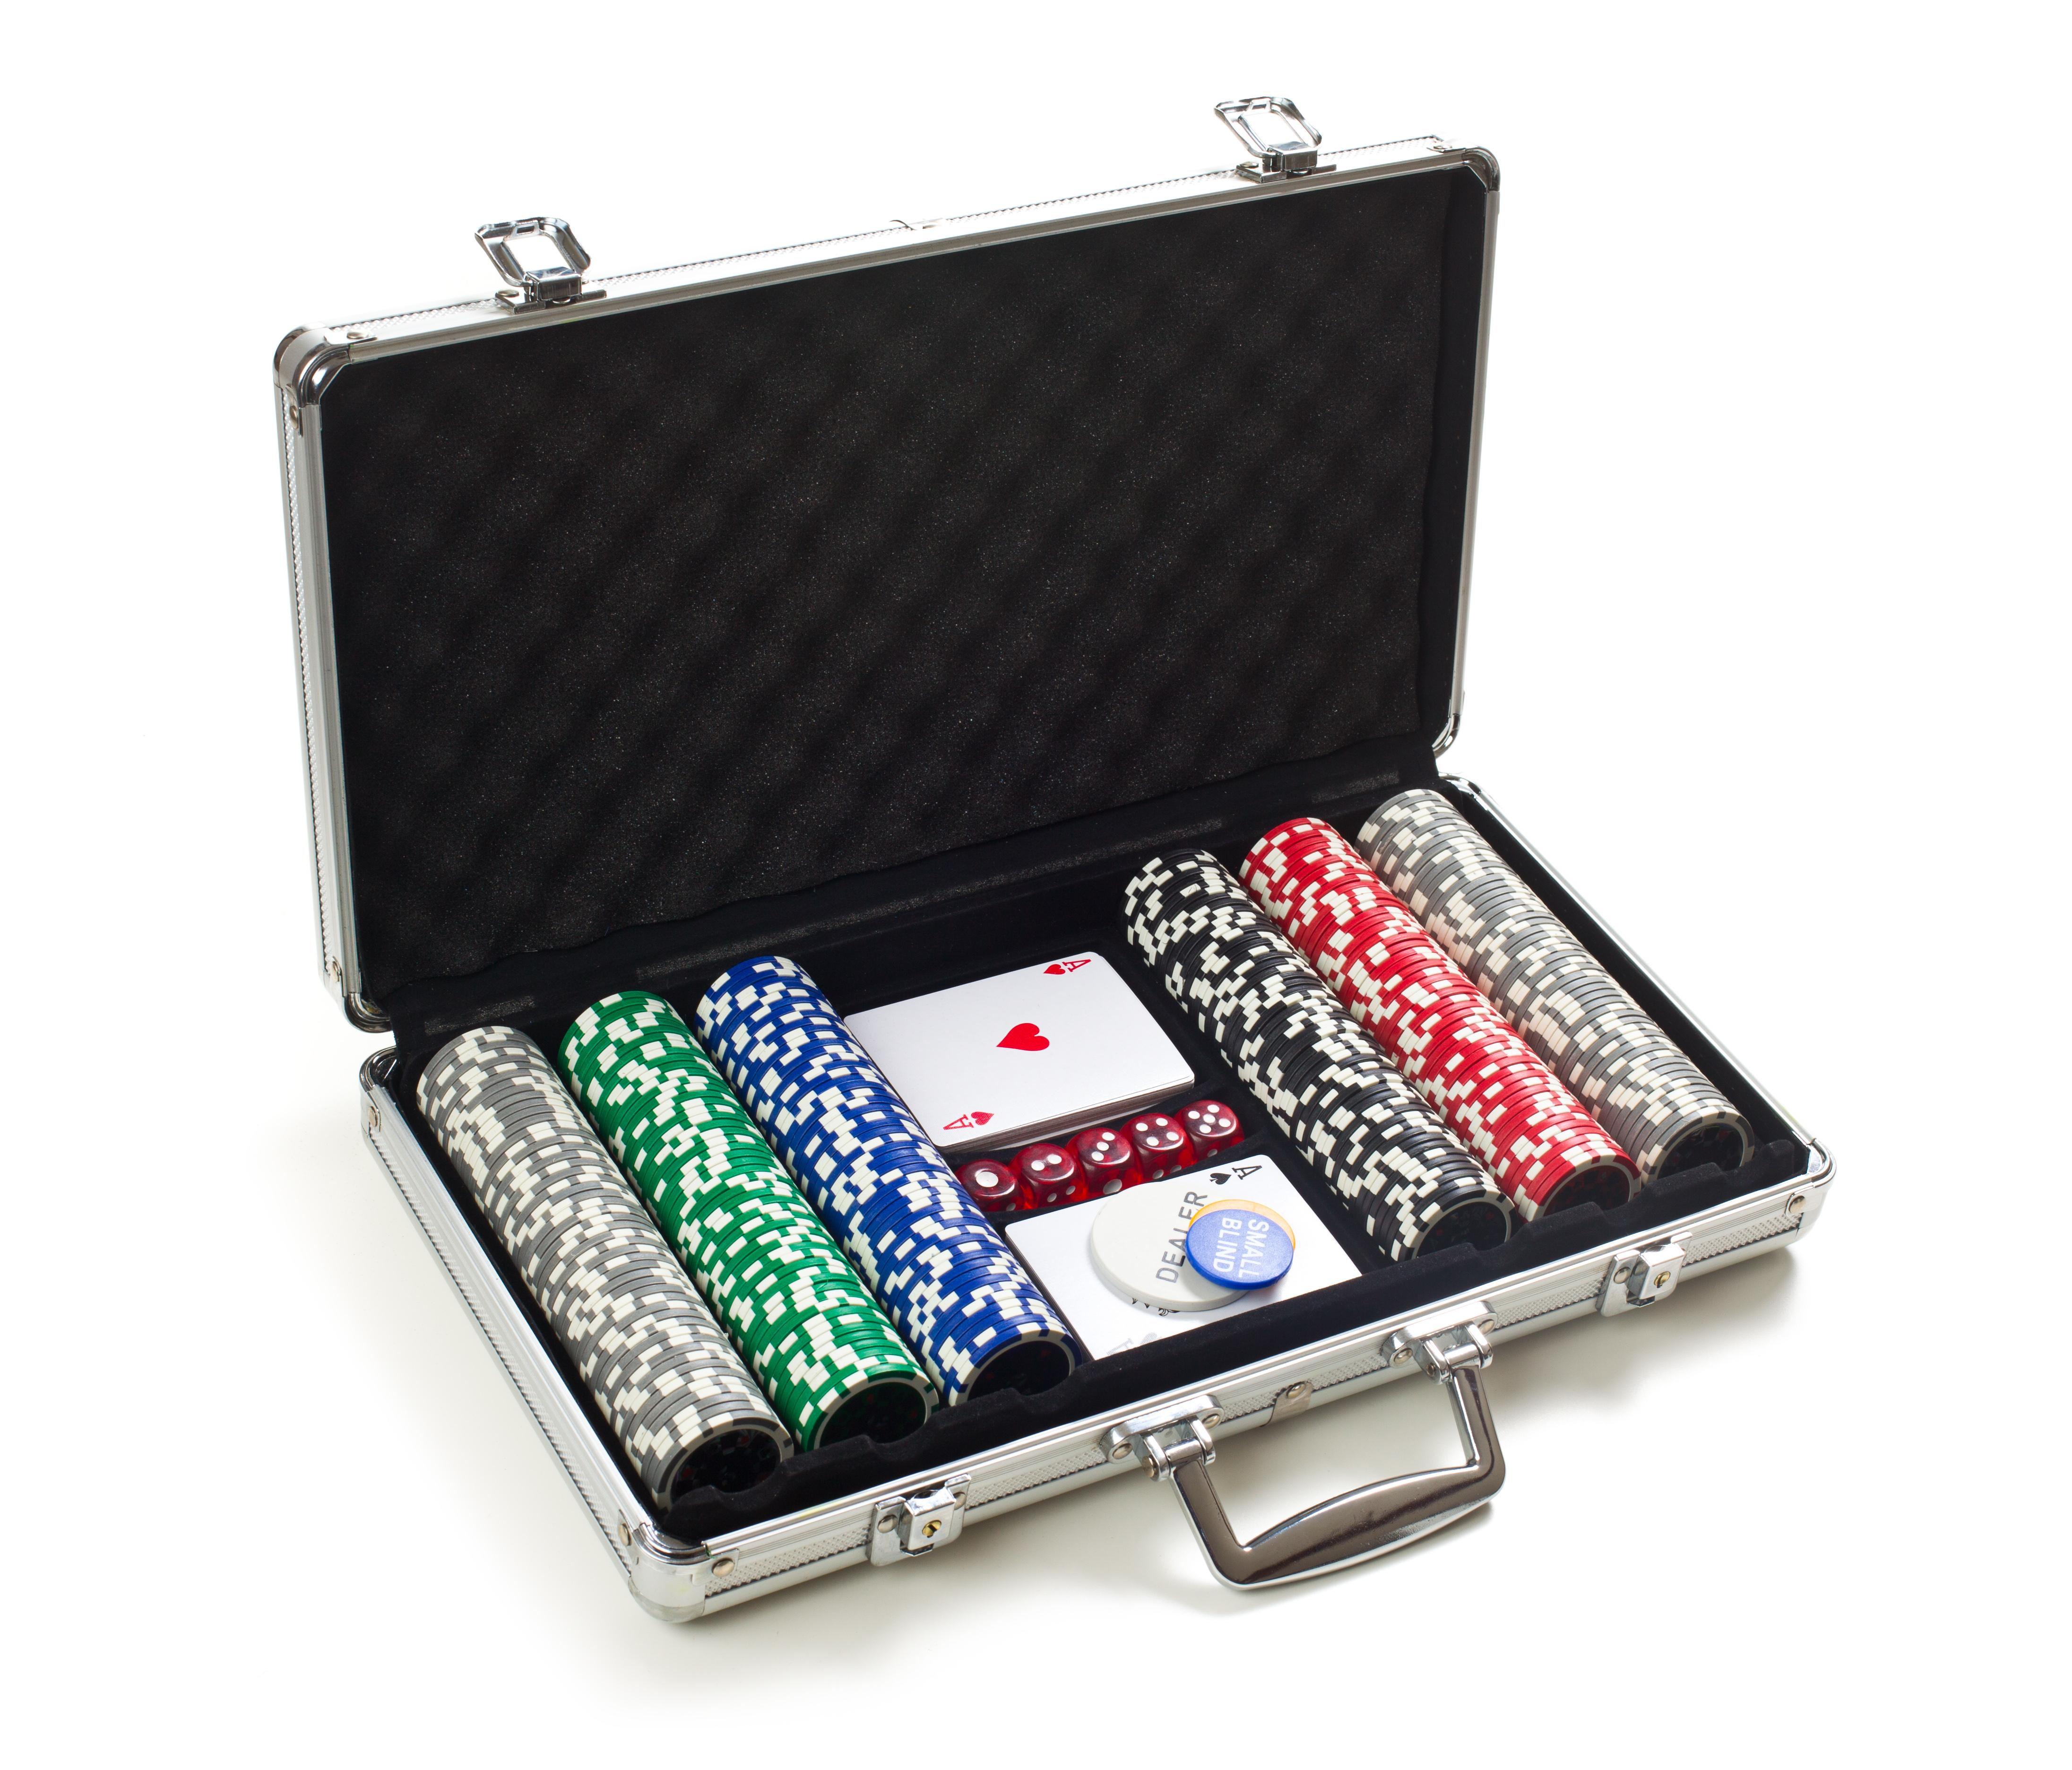 Stříbrný kufřík v sobě skrývá nepopsatelné hazardní opojení. Stačí ho jen otevřít…